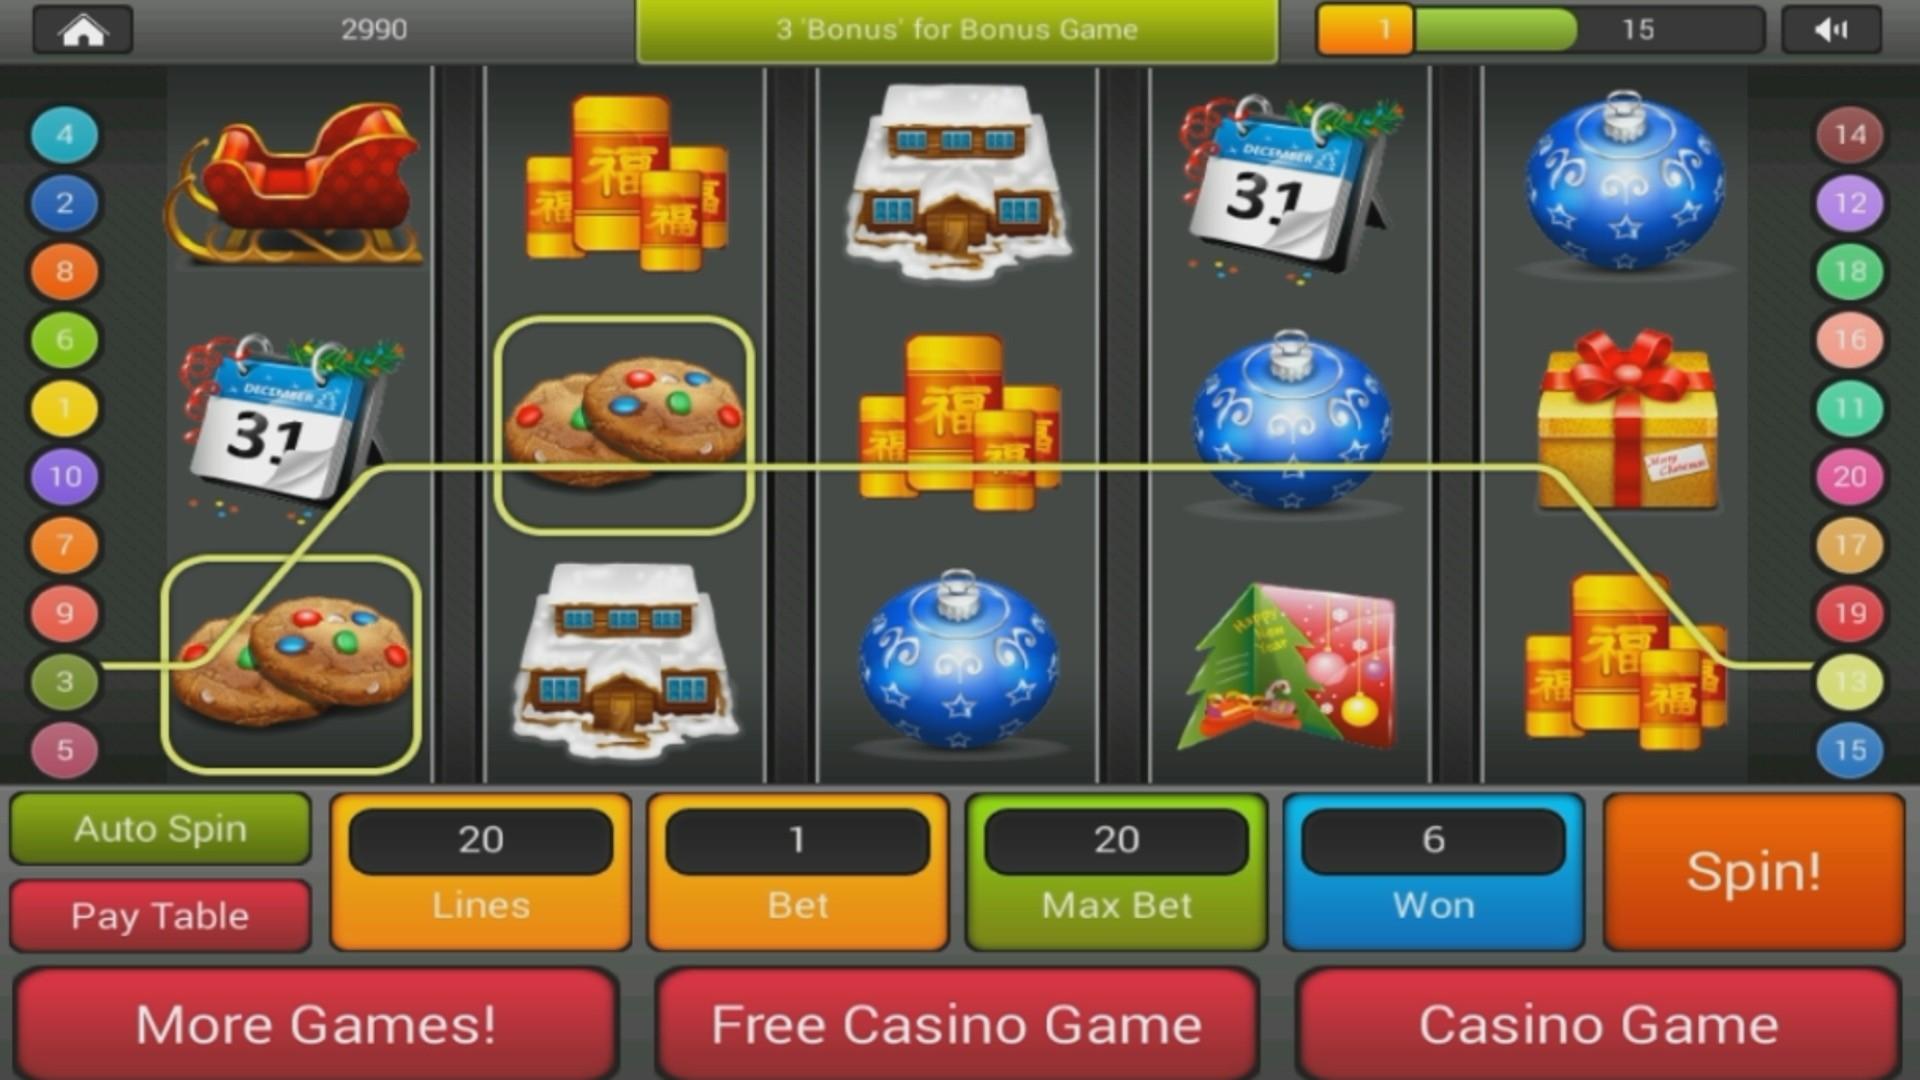 Novo Casino Kostenlos Spielen